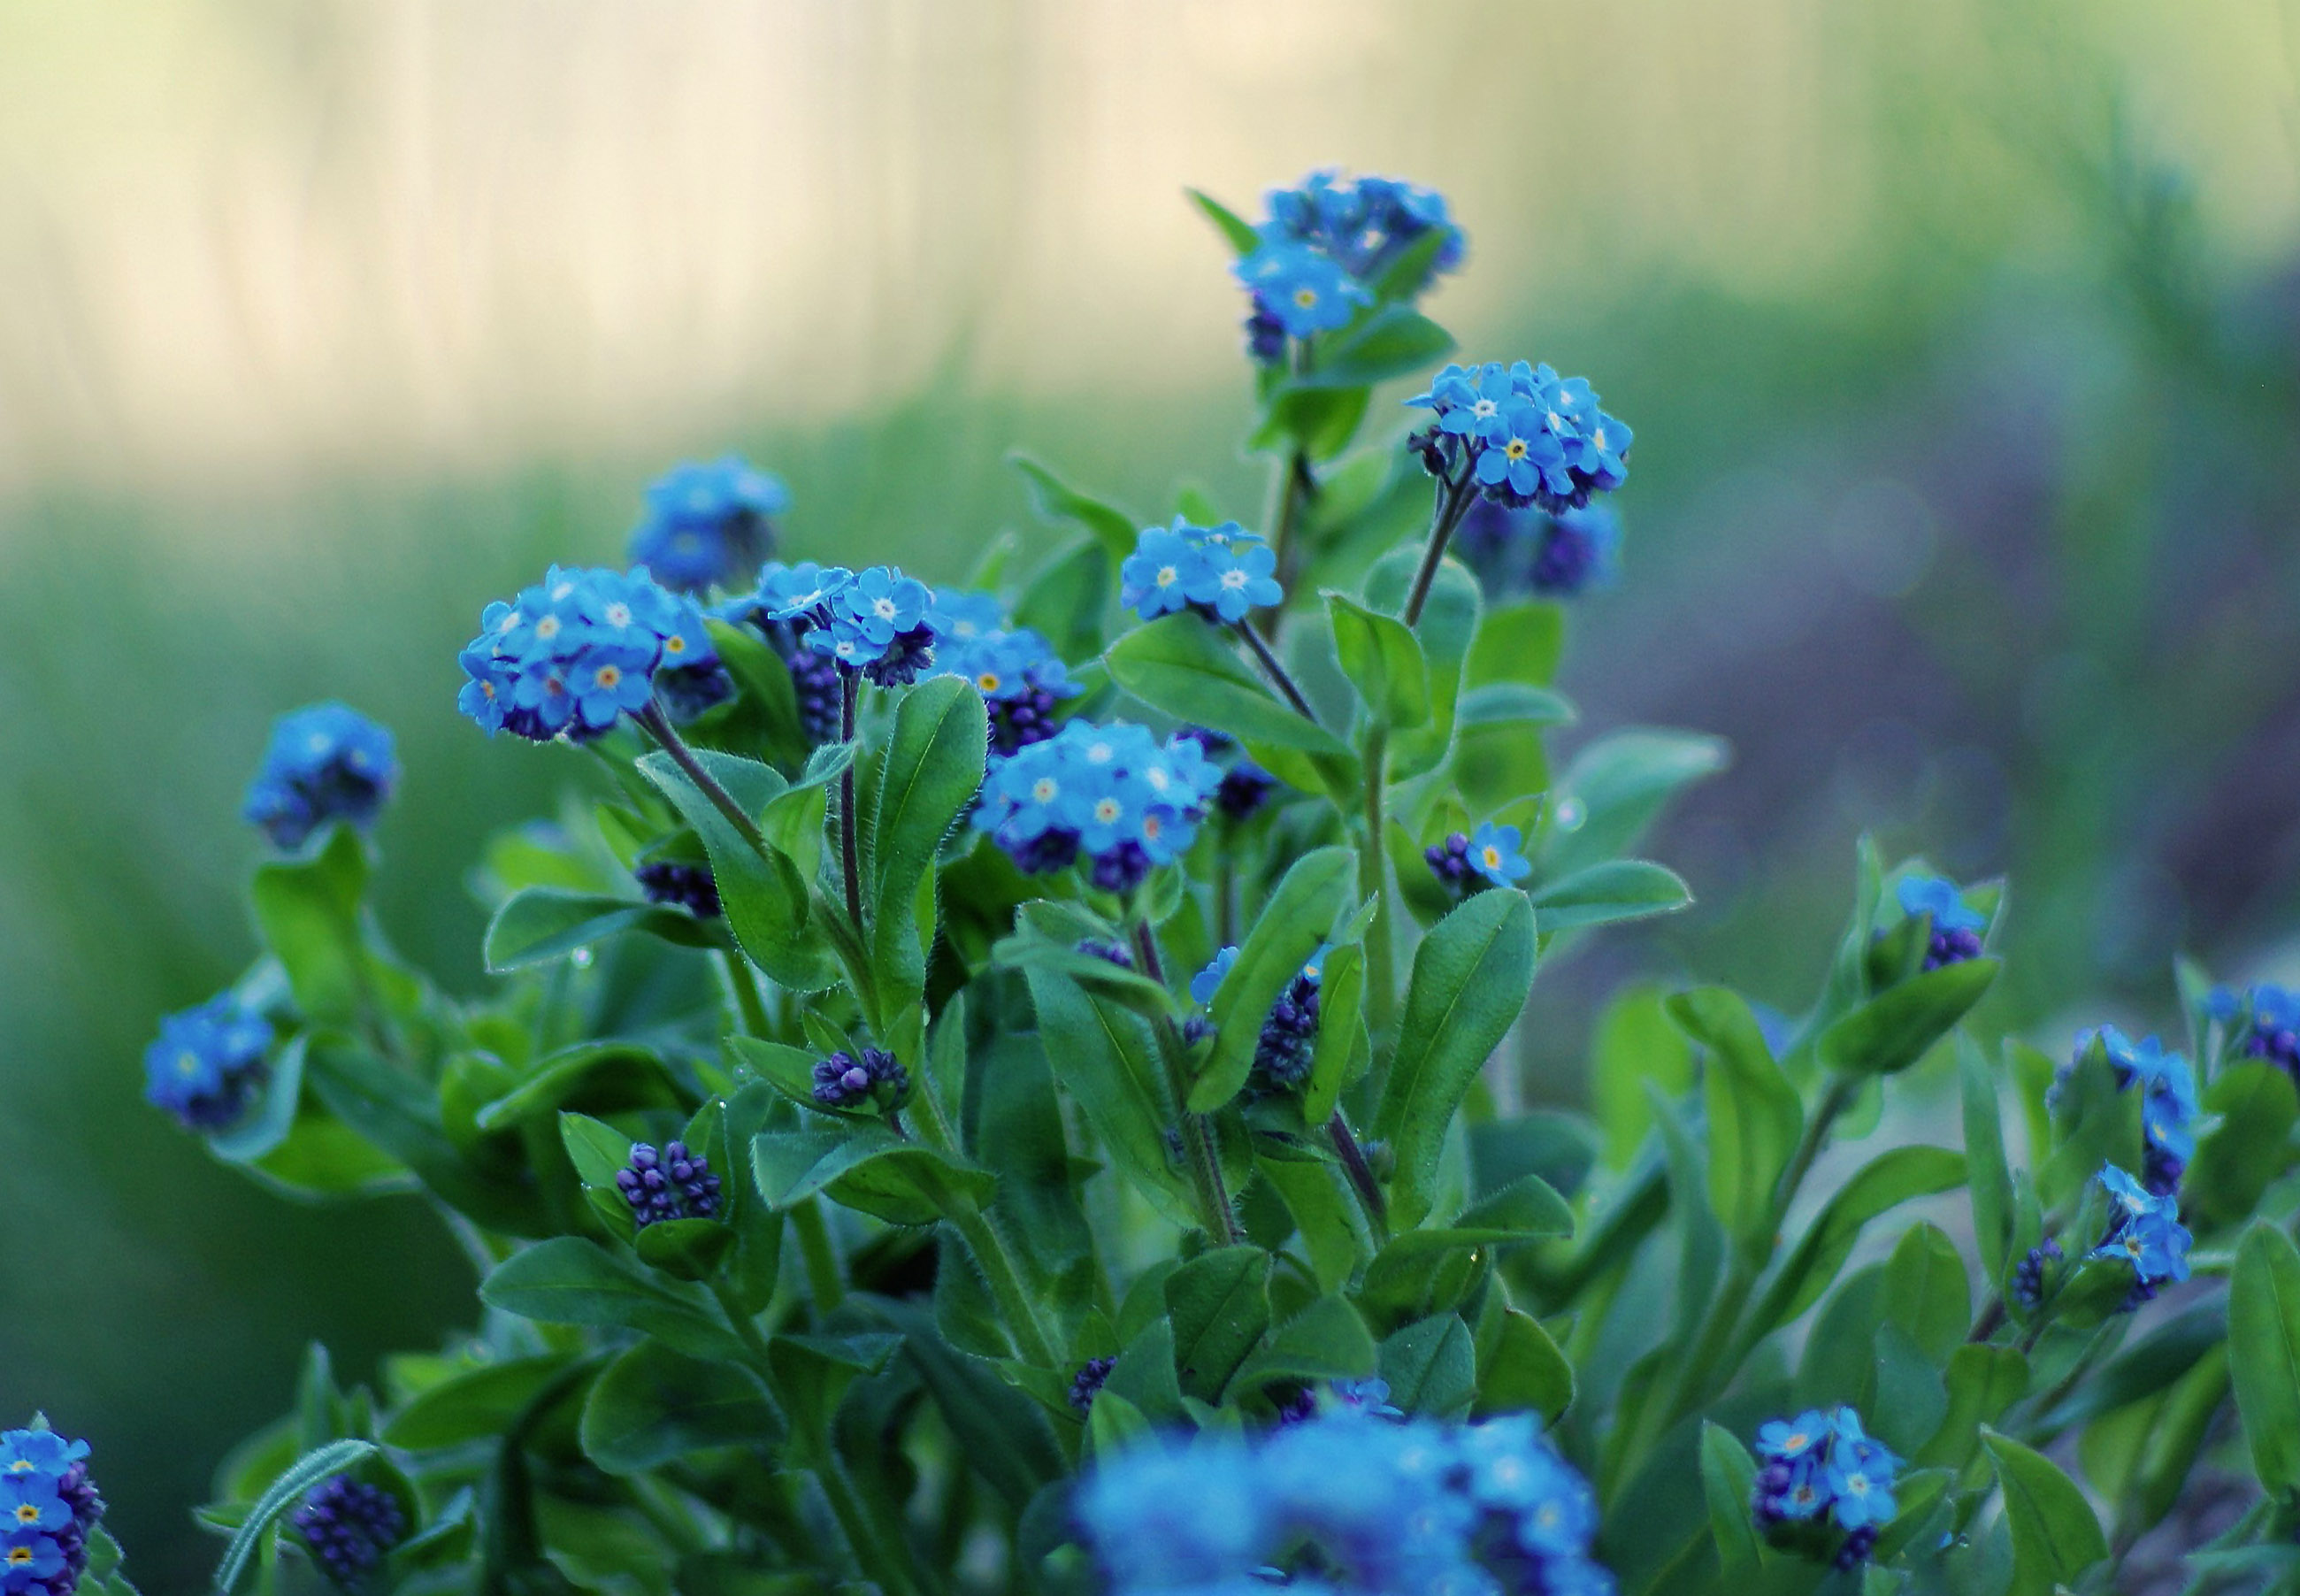 Gėlė neužmirštuolė (hibridinė)